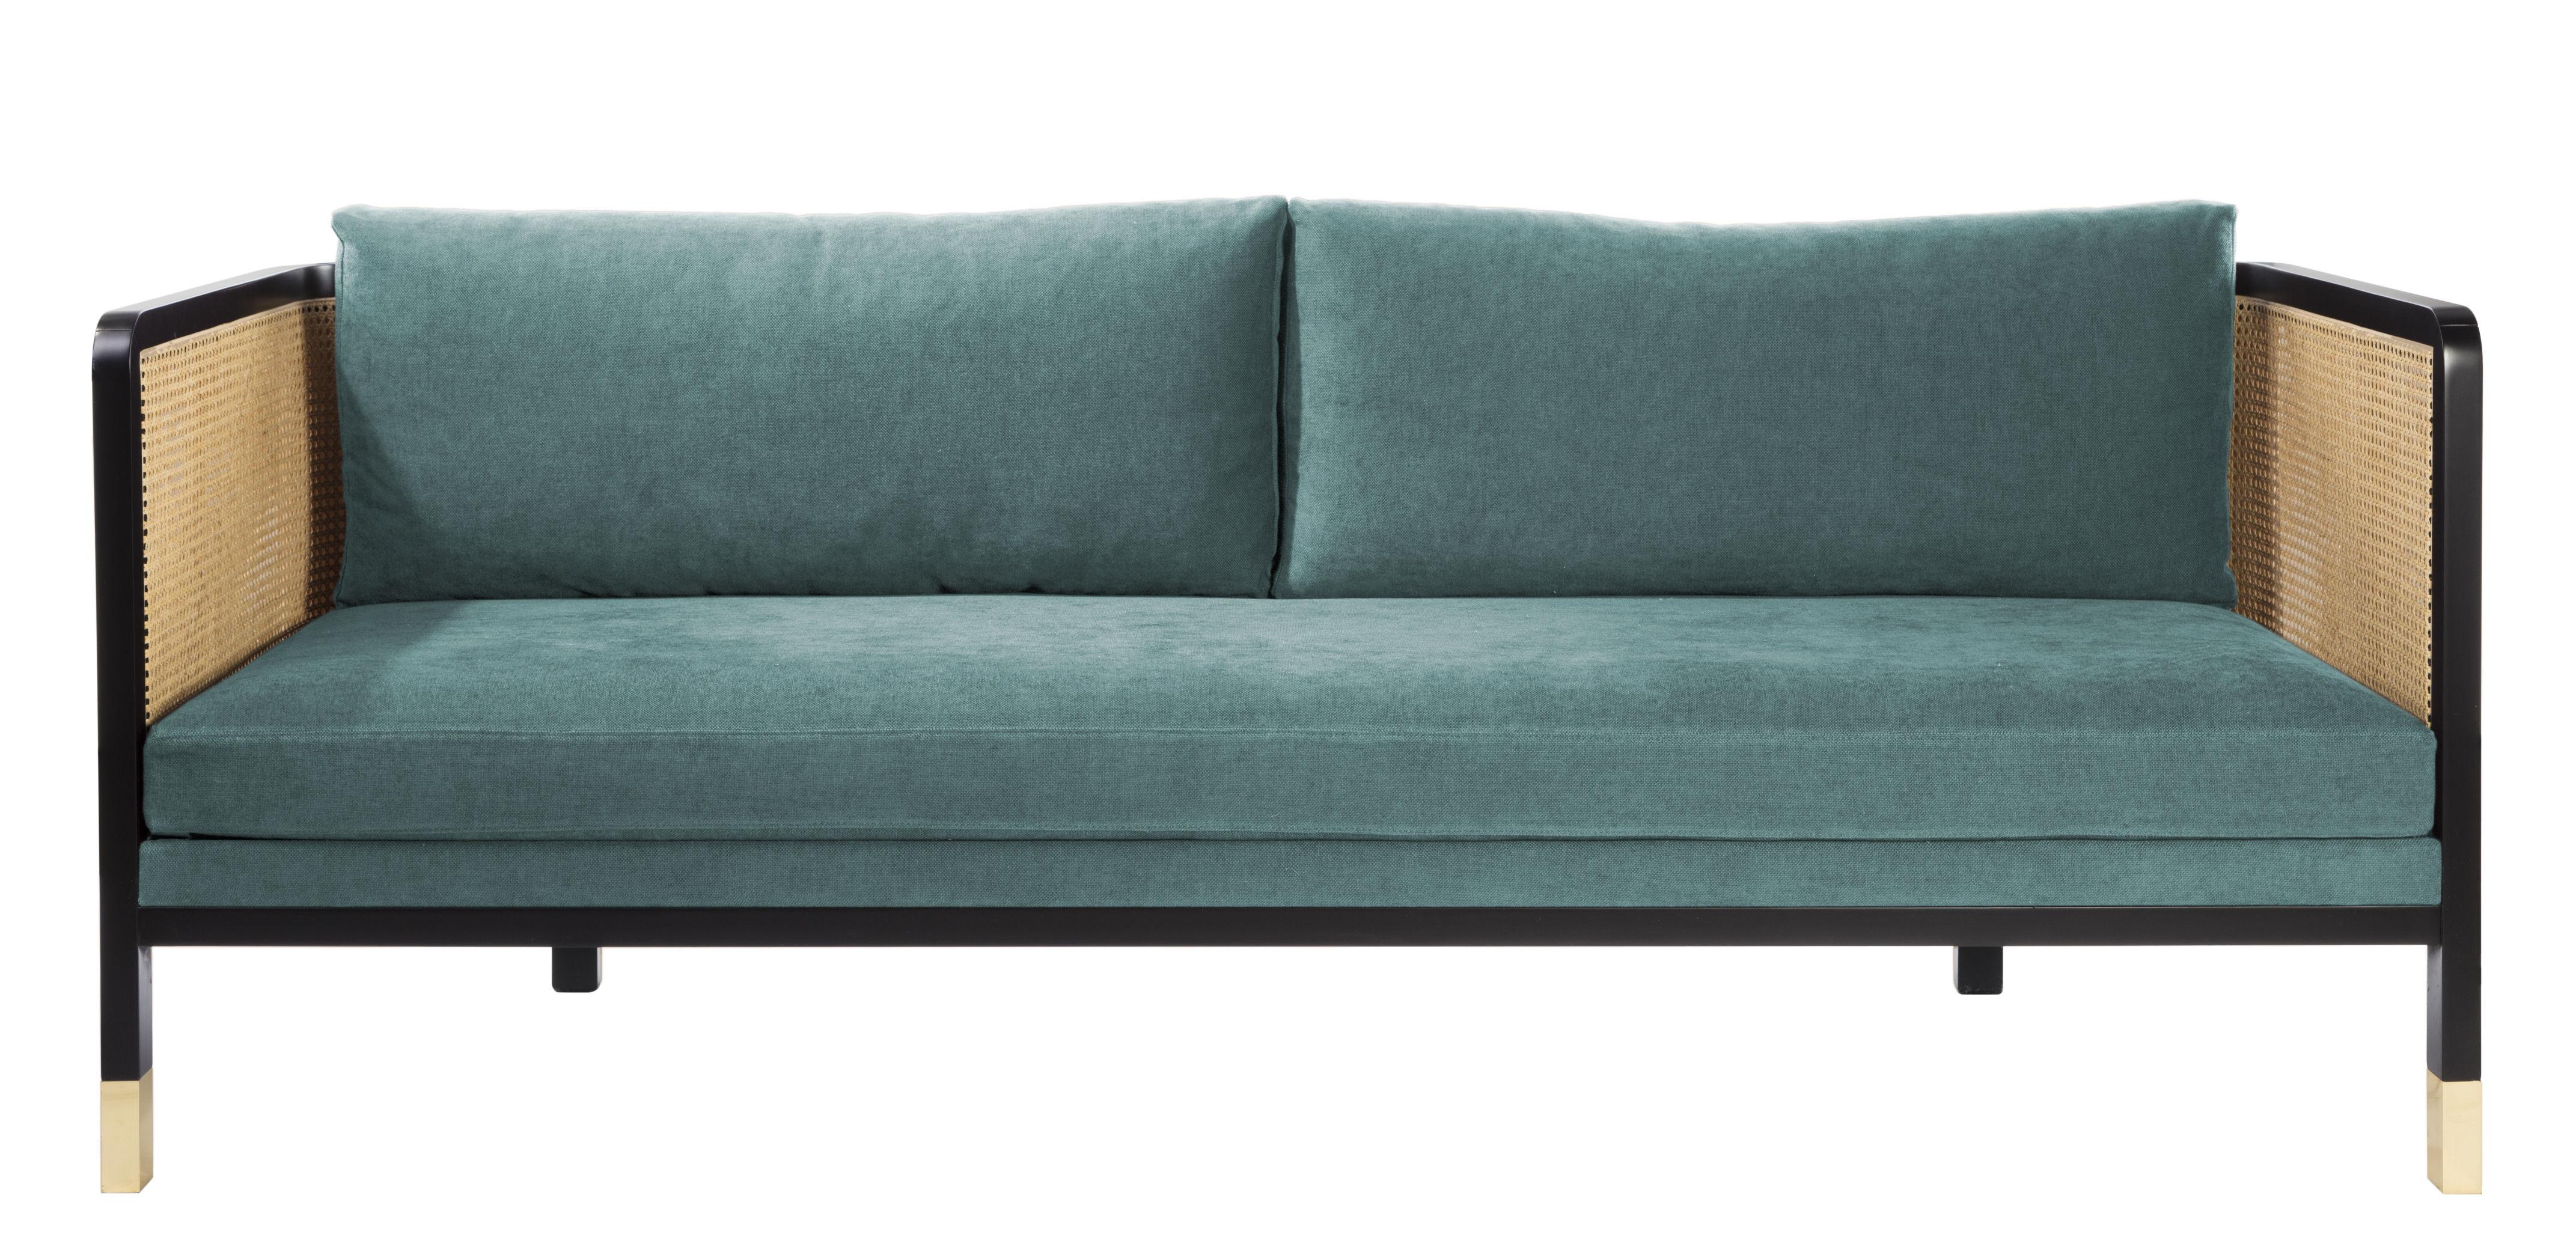 Mobilier - Canapés - Canapé droit Cannage / L 210 cm - Tissu - RED Edition - Bleu Indien / Noir & naturel -  Plumes, Acier, Coton, Hêtre teinté, Mousse haute résilience, Rotin